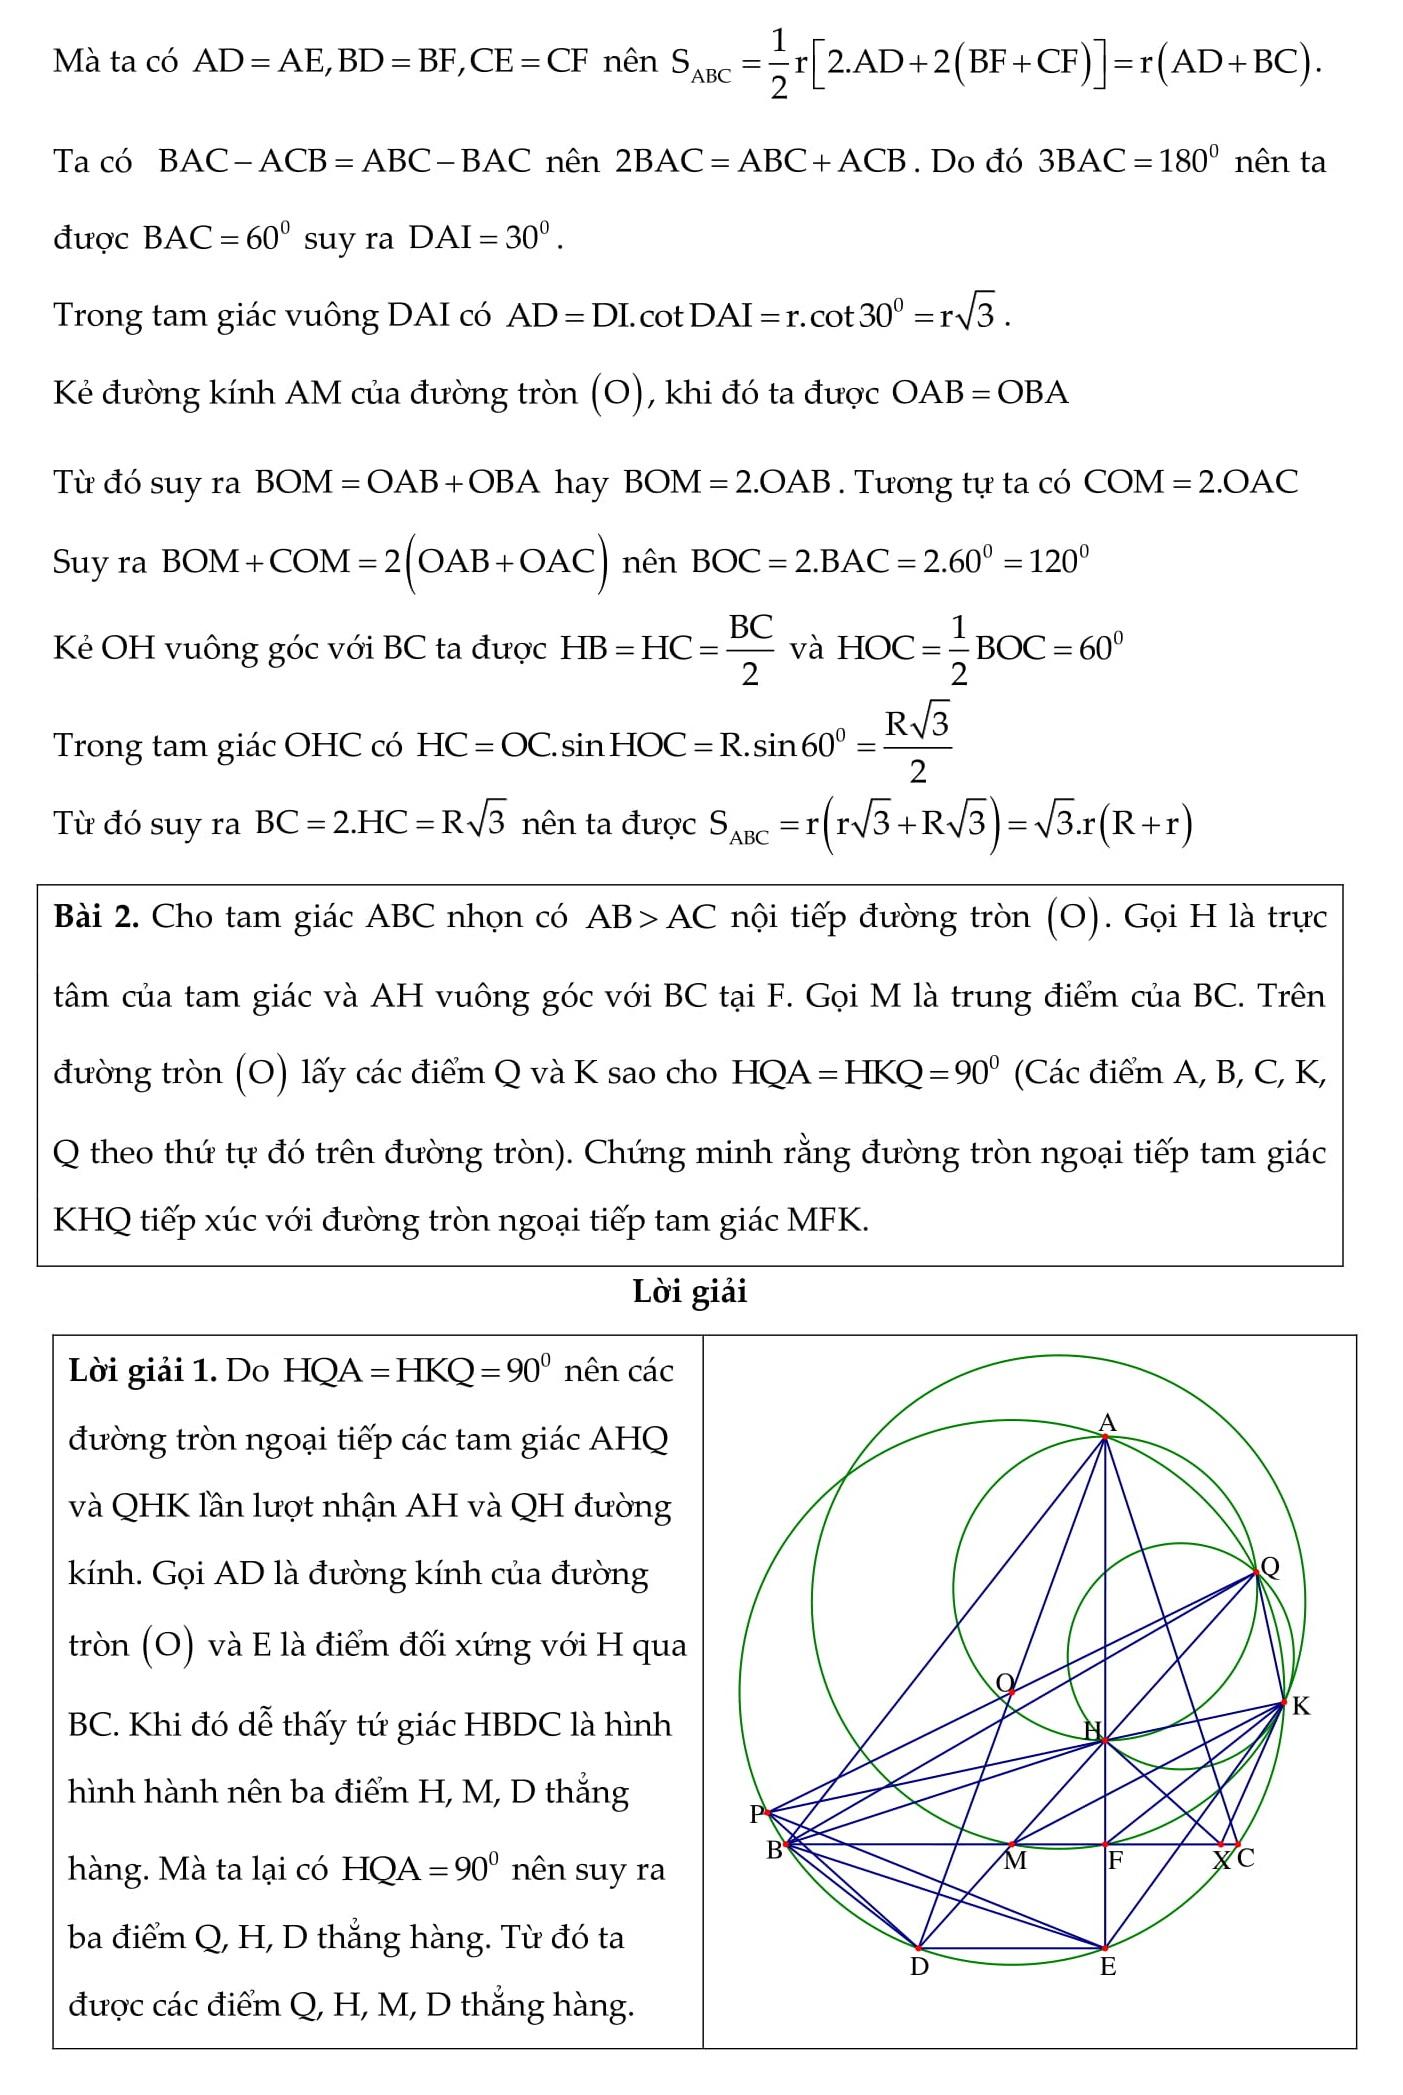 Tổng hợp những bài tập Hình Học Toán 9 thường có trong đề thi